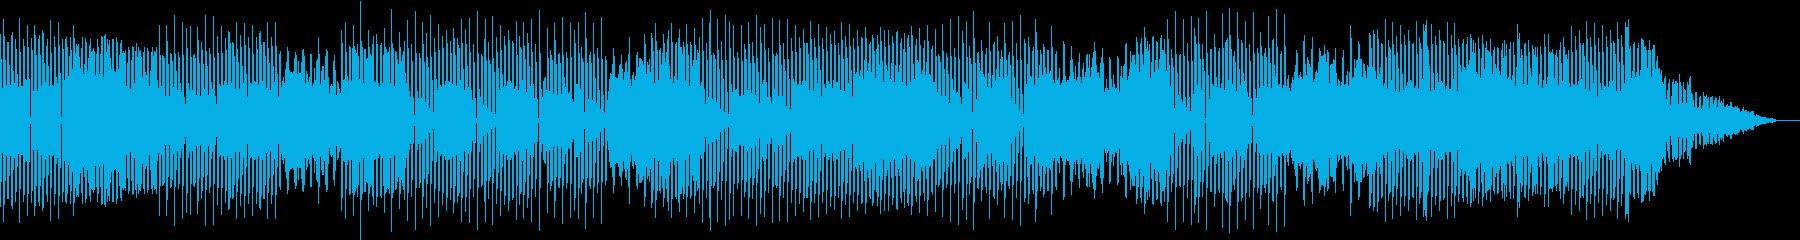 おしゃれな映像音楽の再生済みの波形